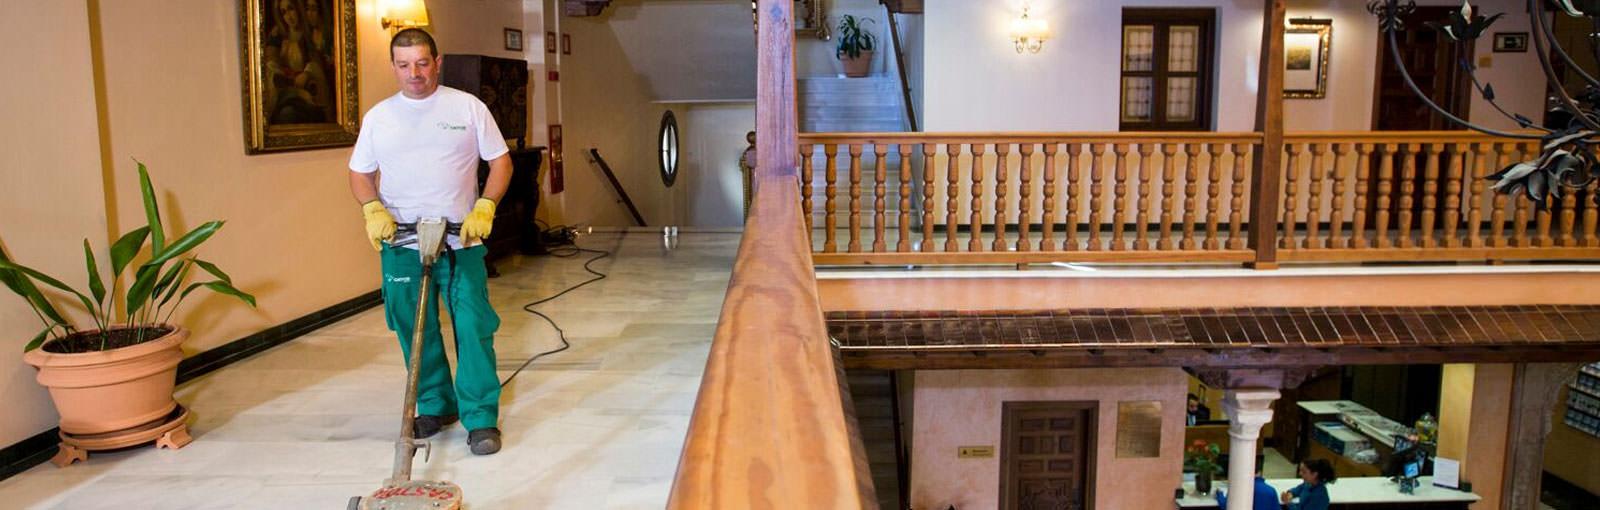 Limpiezas Castor. limpieza-portales-granada Limpieza de portales Granada